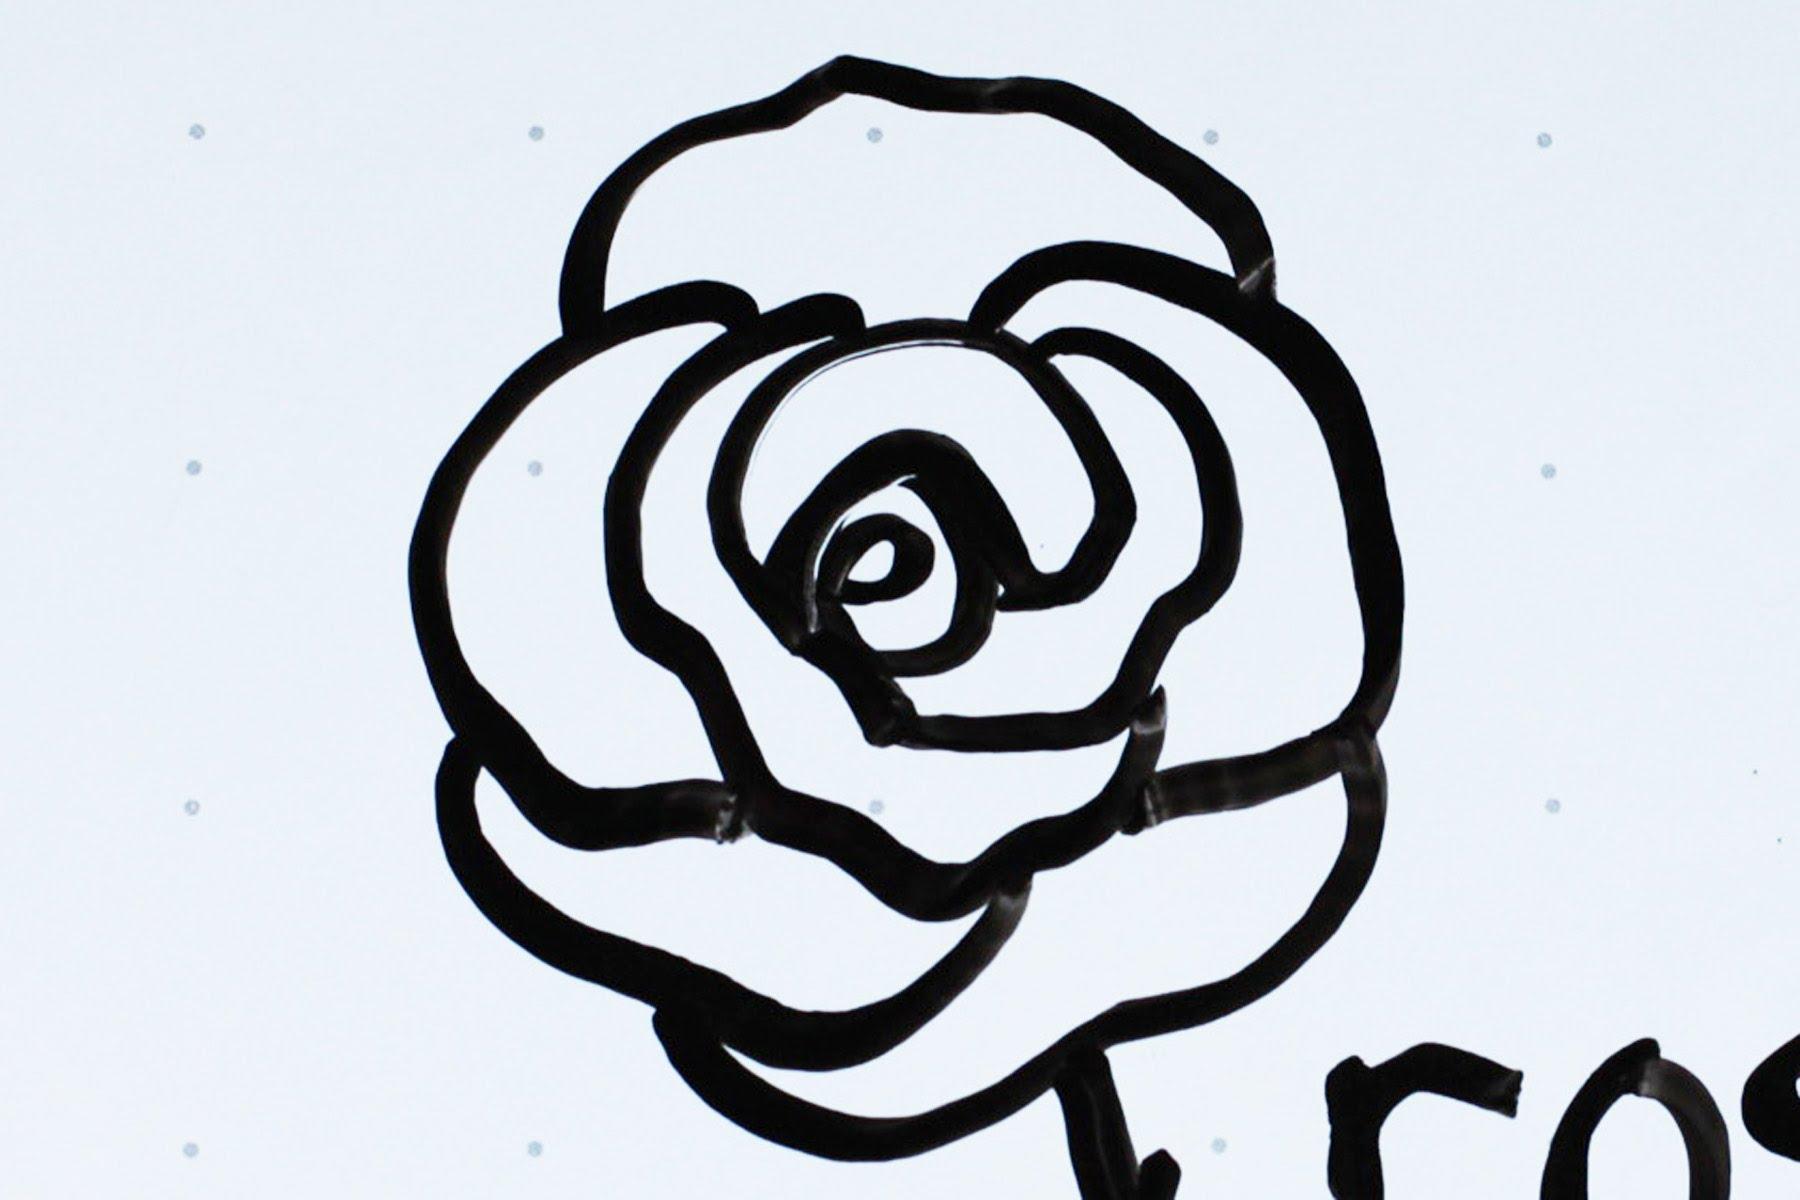 1800x1200 How To Draw A Flower Foe Kids How To Draw Cartoon Flowers For Kids